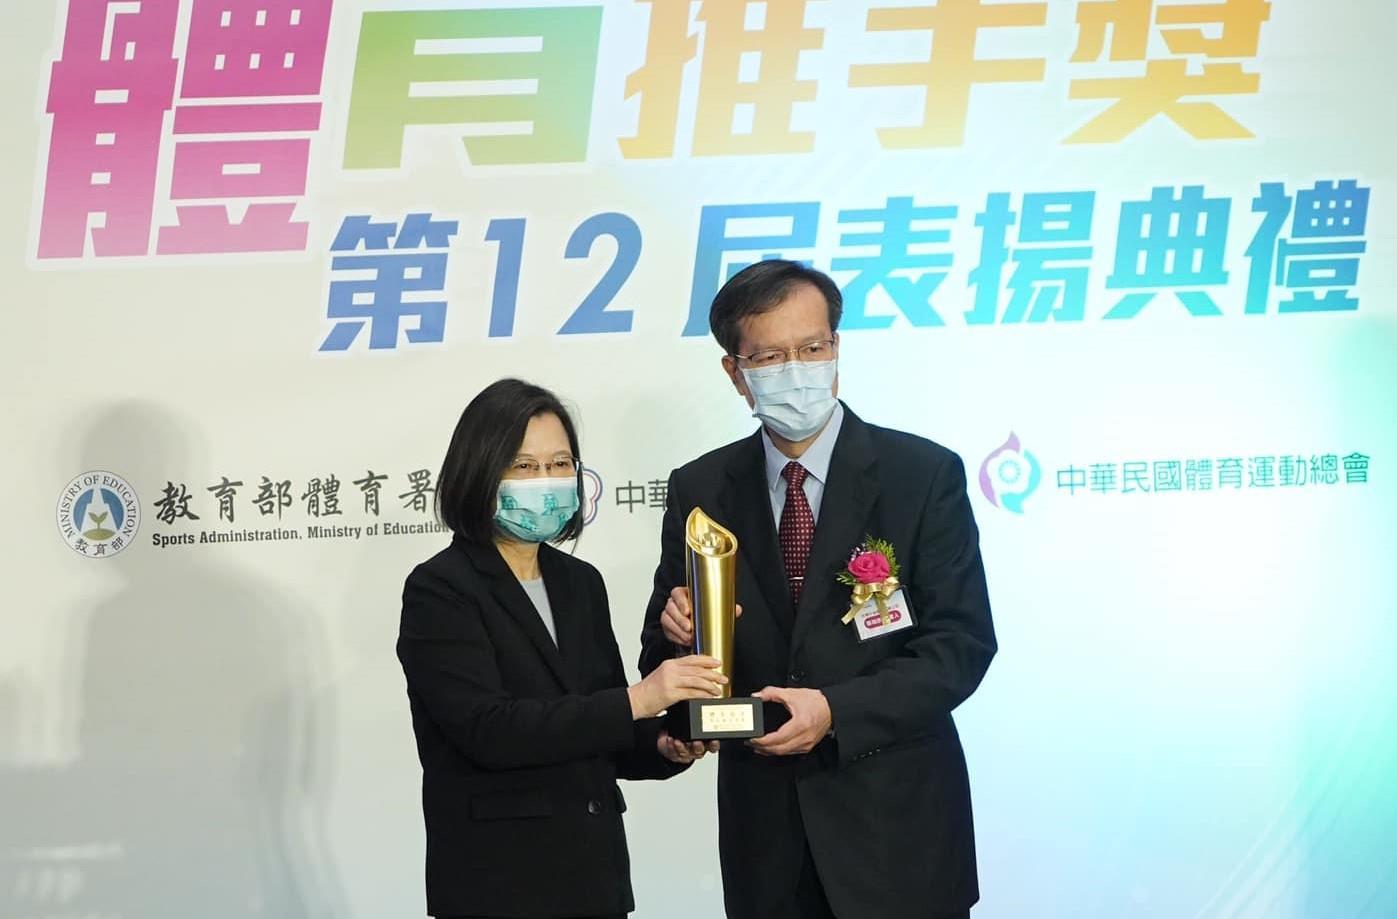 台灣中油榮獲109年體育推手獎贊助類金質獎